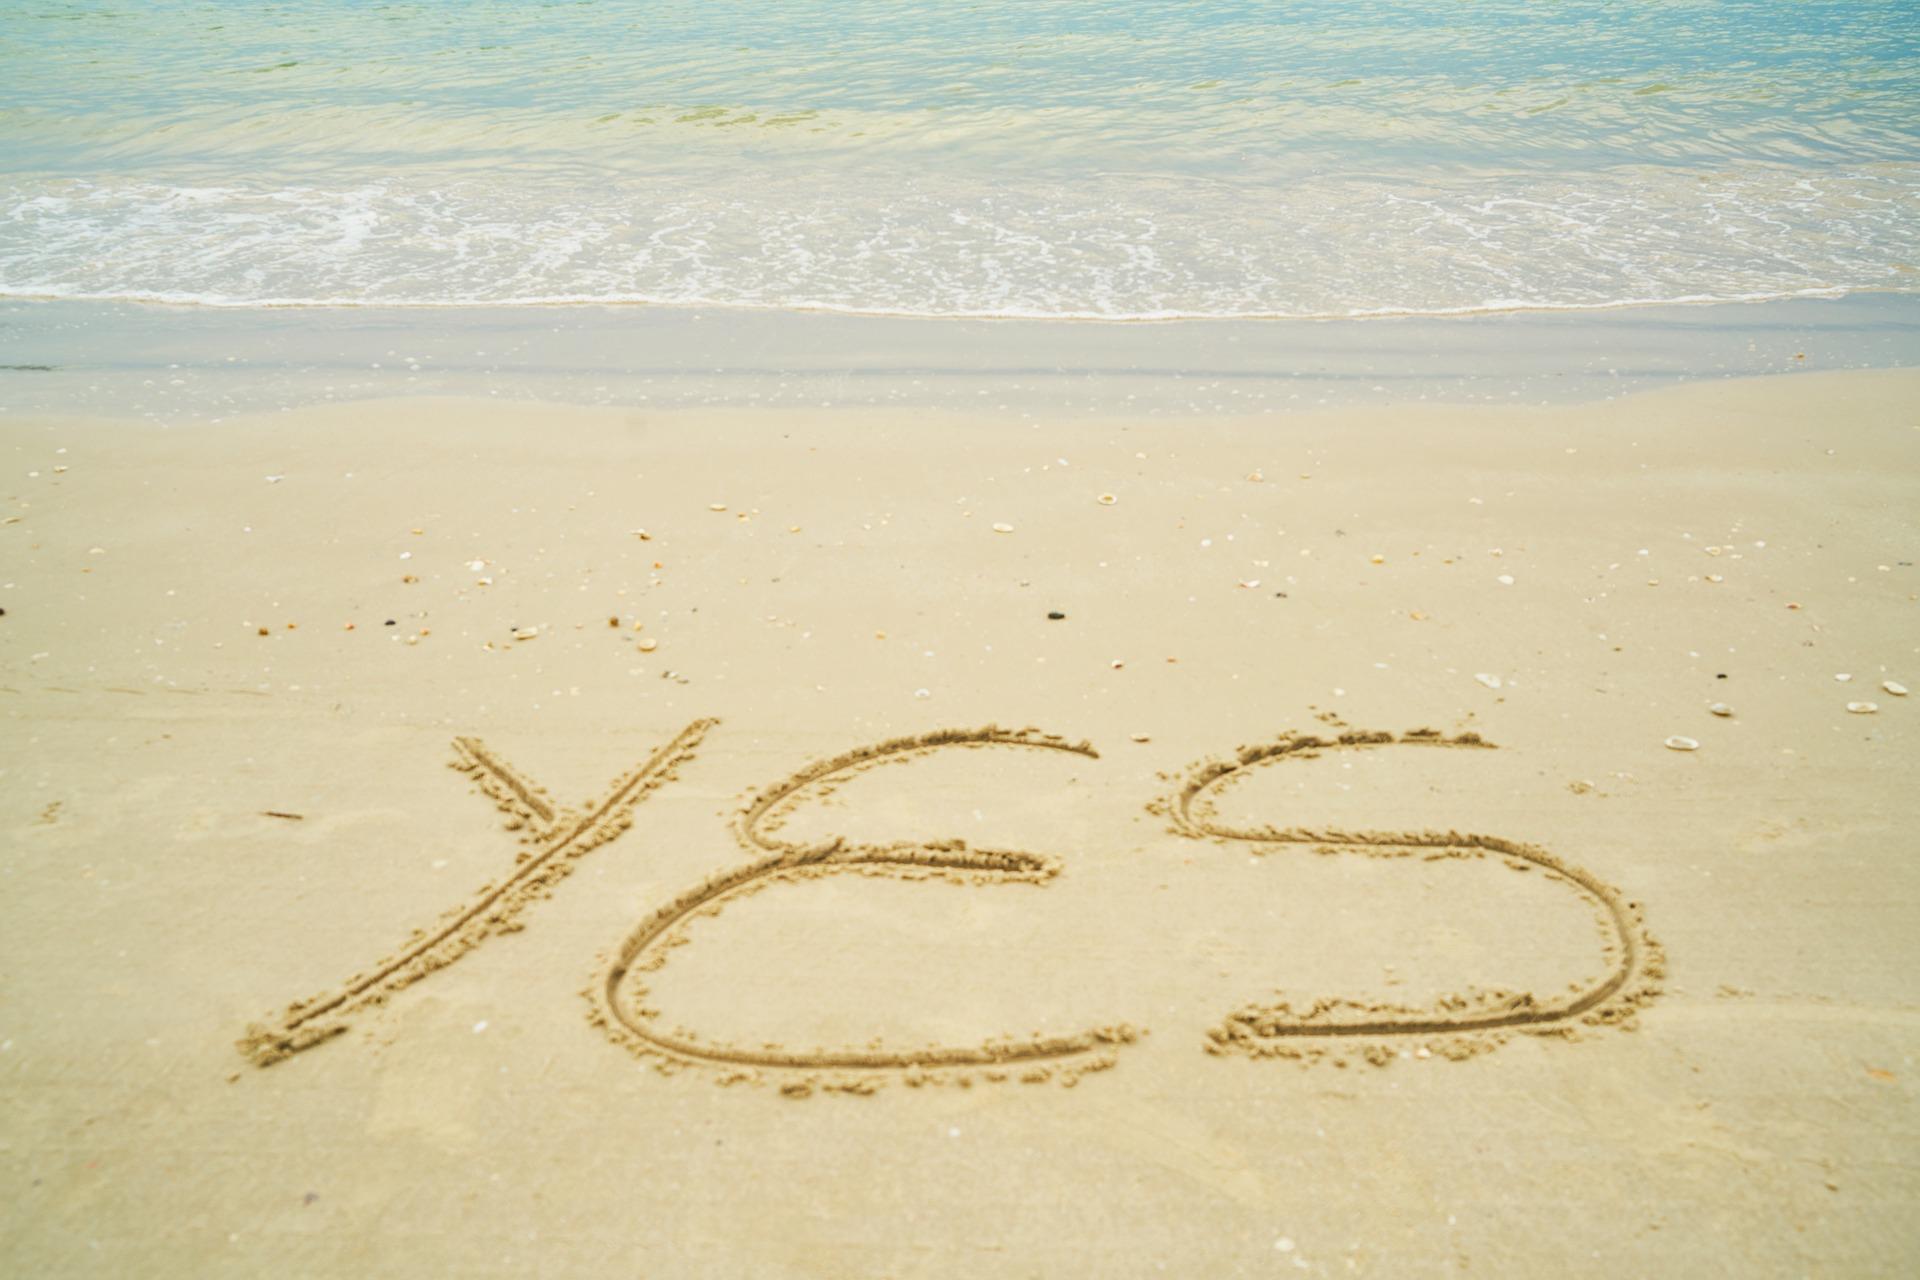 yesをイメージして海